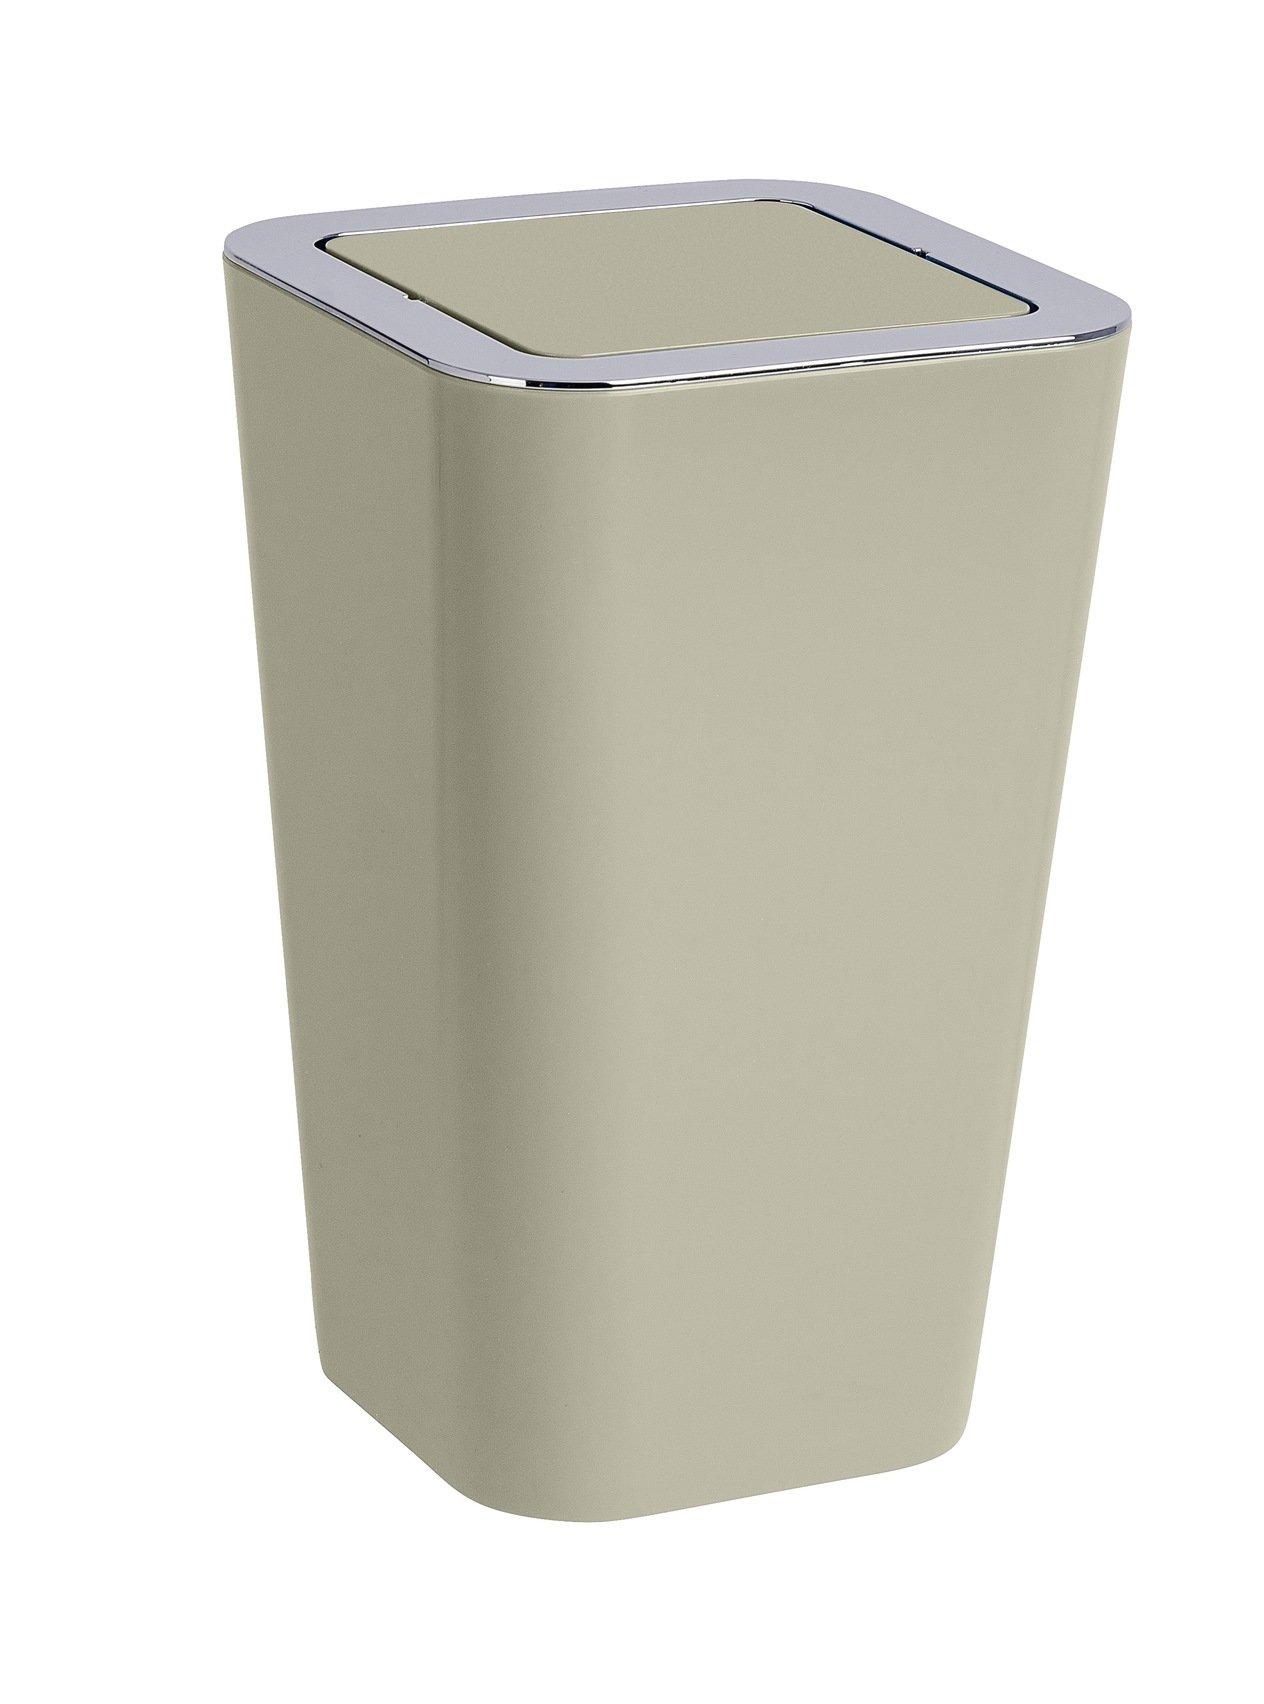 Wenko Kosmetikeimer Candy 8 Liter, Badezimmer-Mülleimer mit Schwingdeckel,  Abfalleimer aus Kunststoff, 8 x 8,8 x 8 cm, taupe